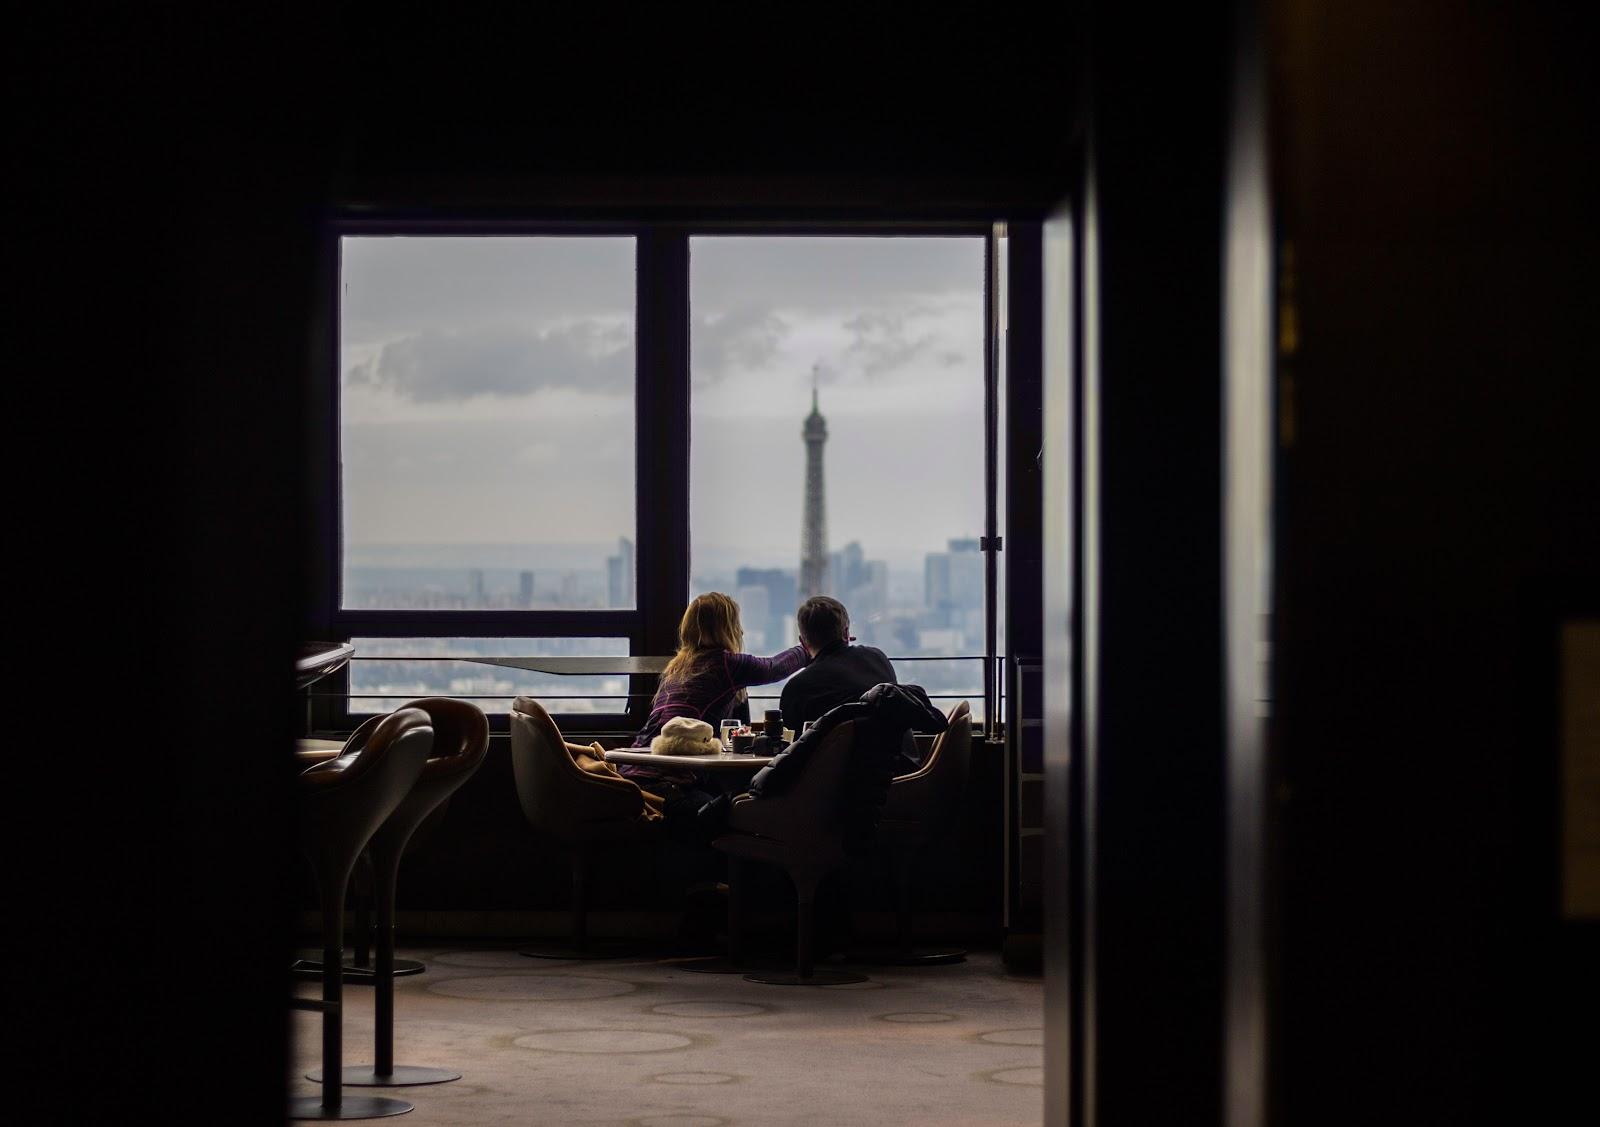 diner-amoureux-paris